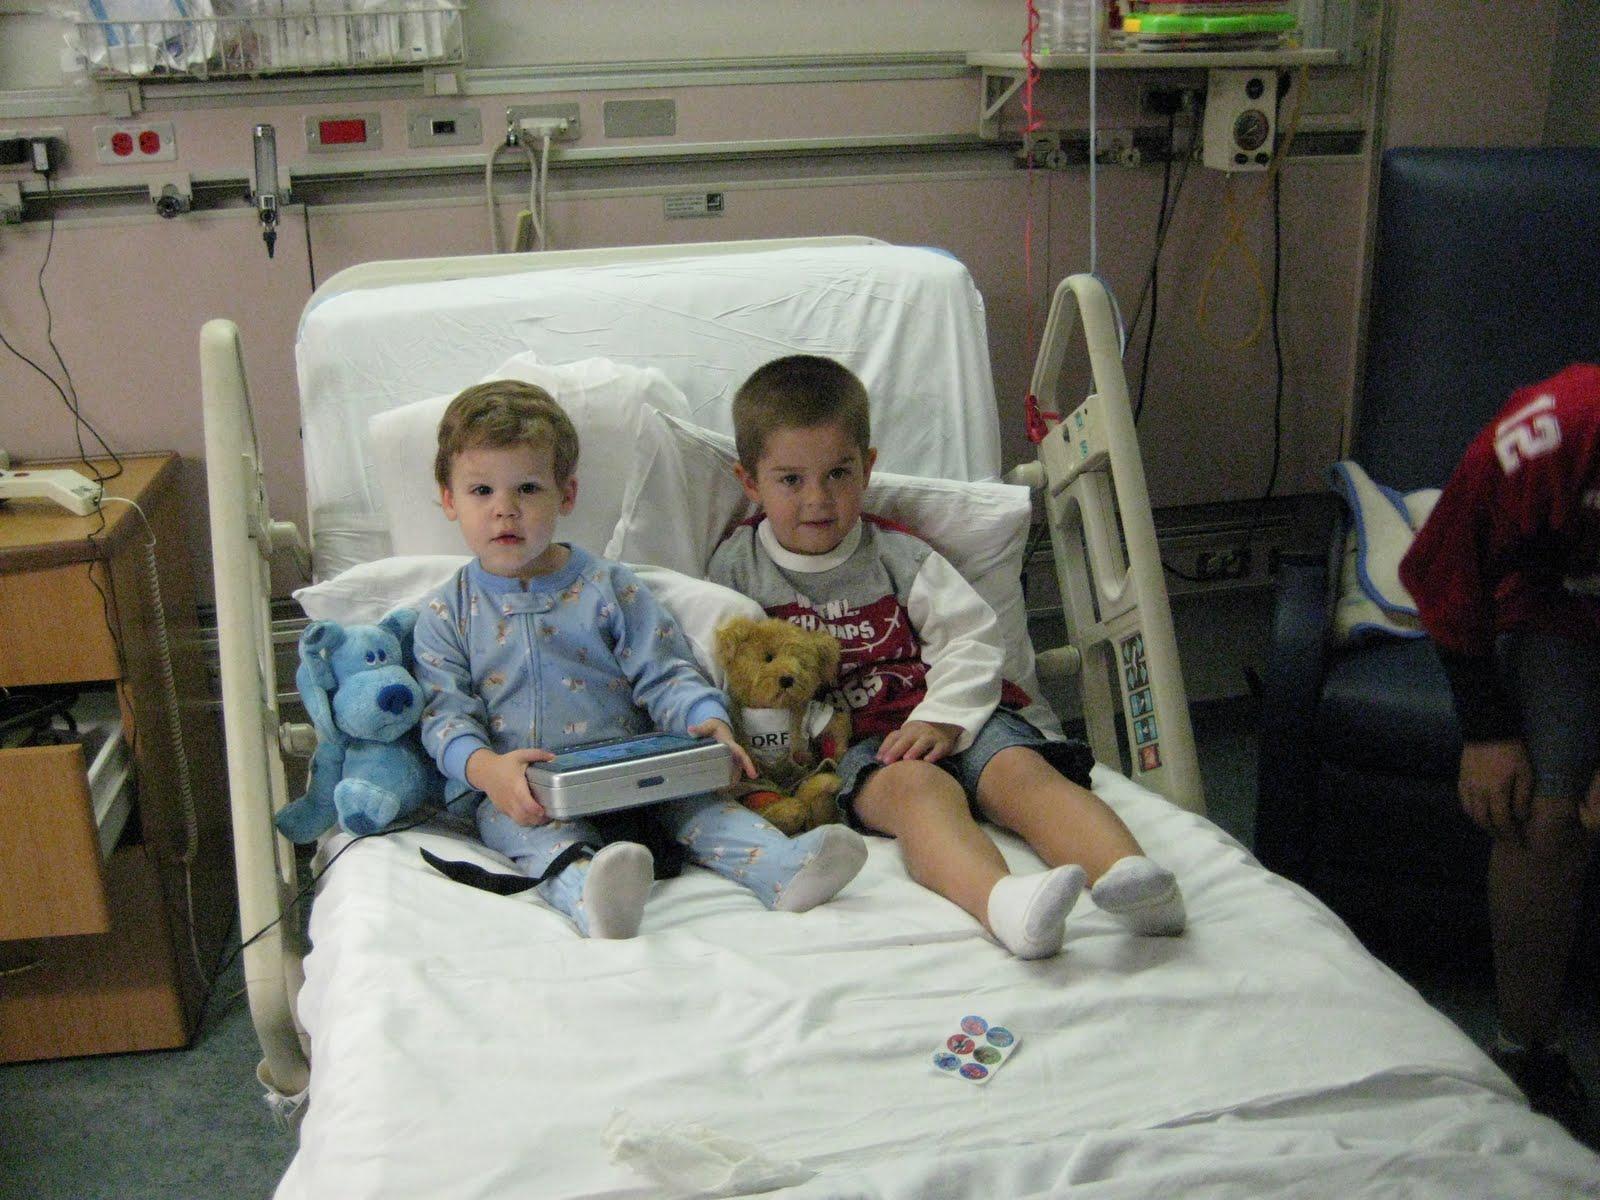 http://2.bp.blogspot.com/_I-ZqdcUPlcw/TGi6NfAiTxI/AAAAAAAAACk/_7Hm5YGAnkI/s1600/hospital01.JPG